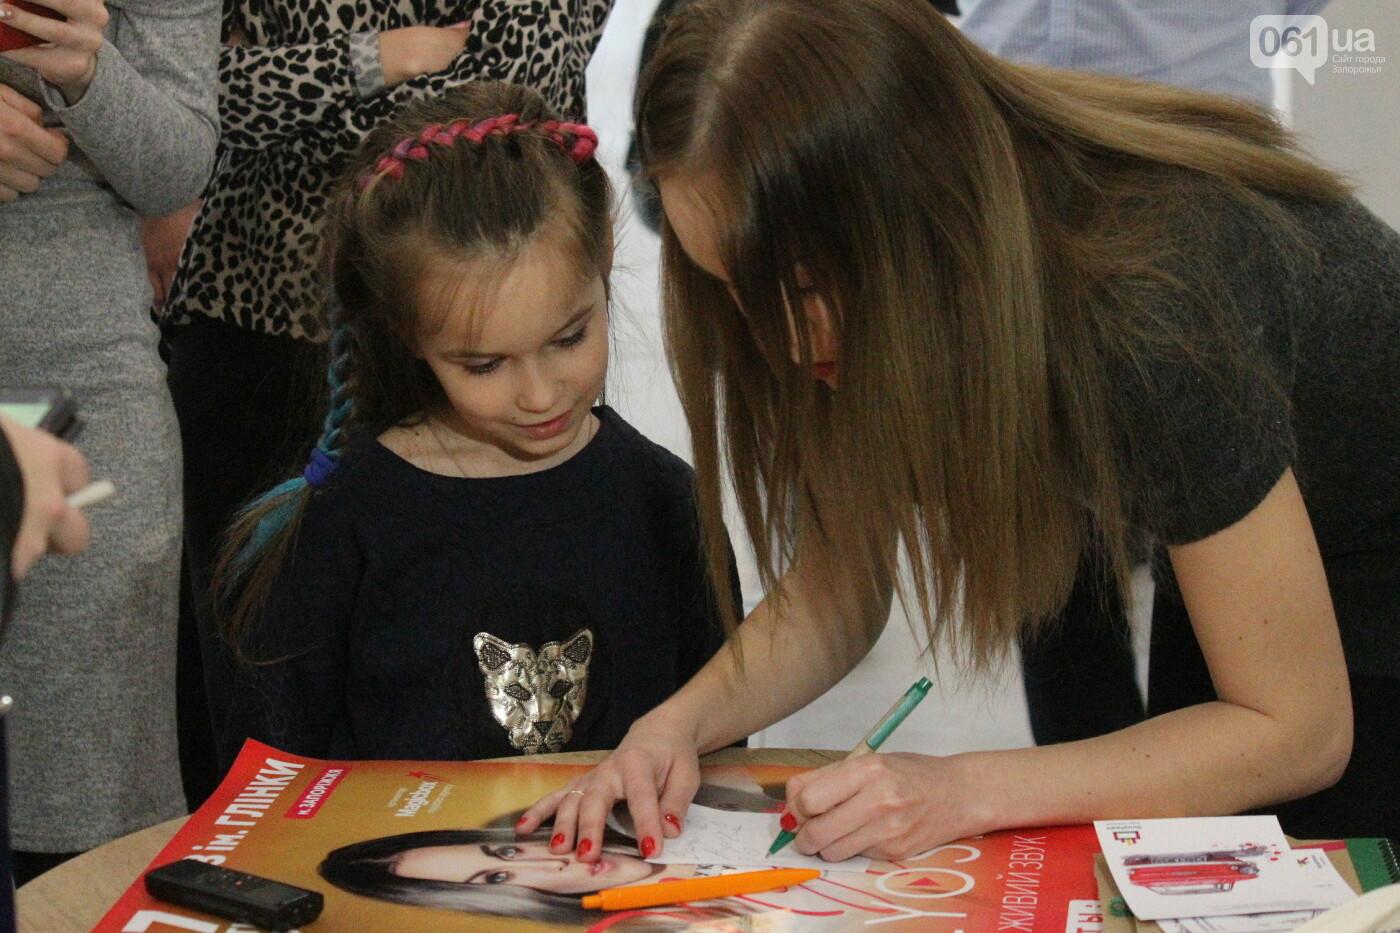 Перед концертом в родном Запорожье певица Alyosha провела автограф-сессию, – ФОТОРЕПОРТАЖ, фото-14